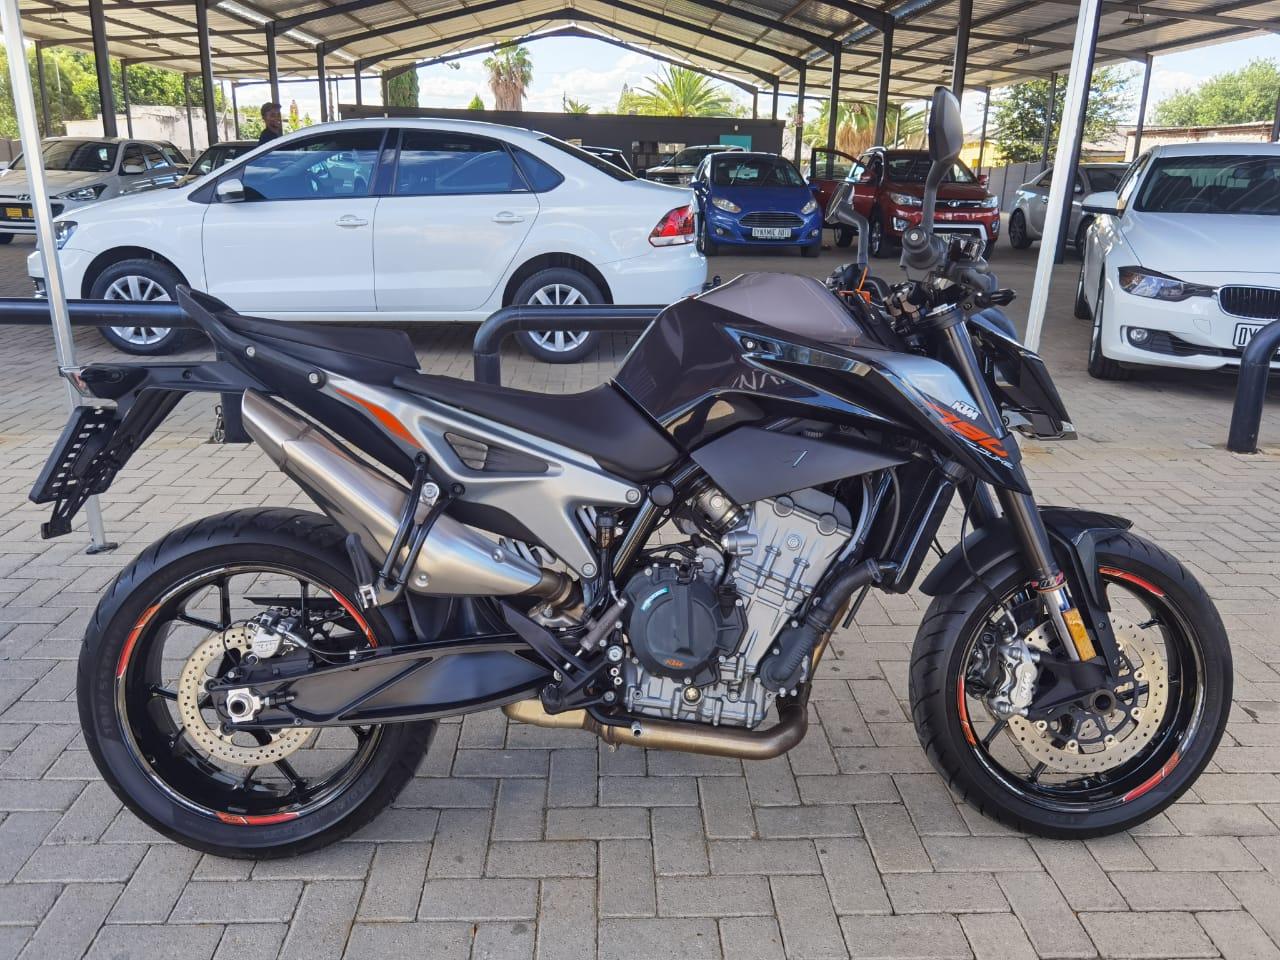 2018 KTM 790 DUKE